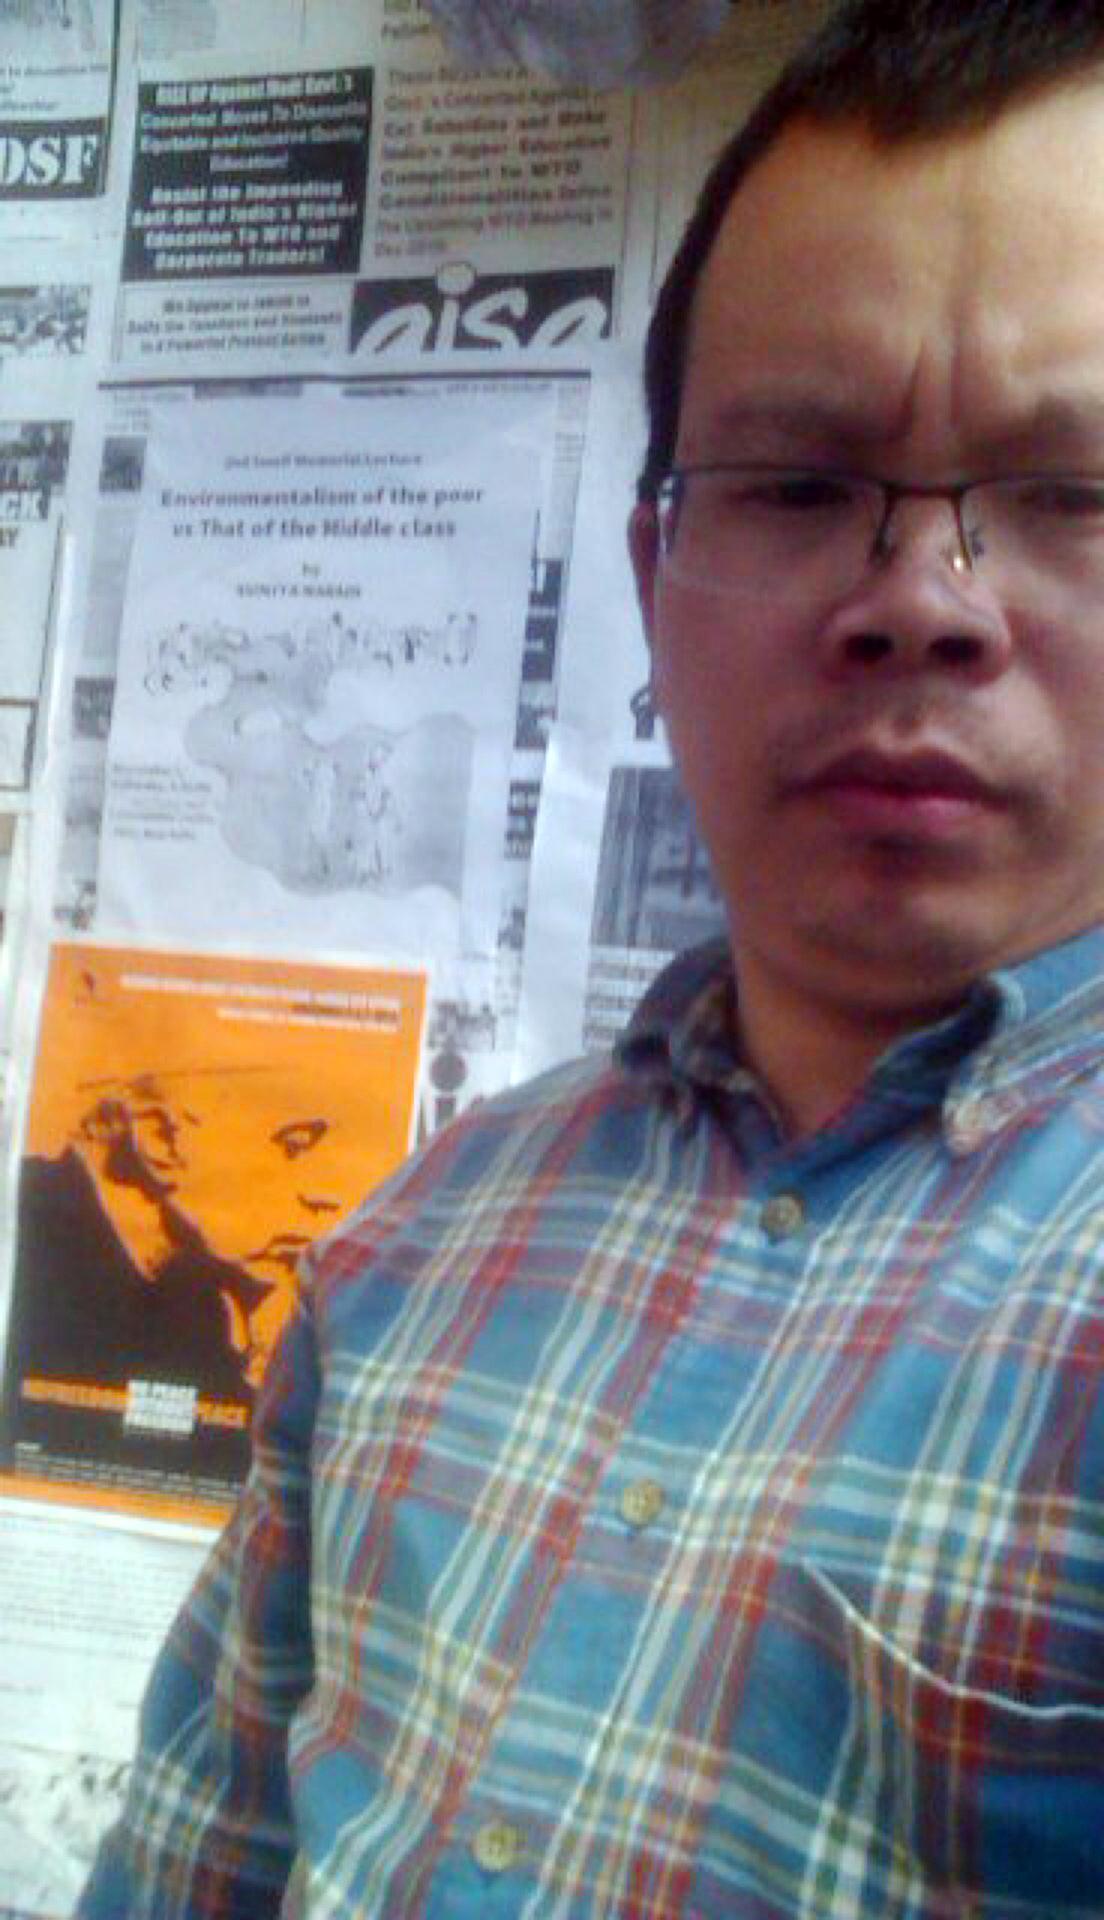 呼吁联合国,美国及欧洲民主国家和记者无国界、国际特赦等海外人权机构对南都网前编辑李新及时进行政治避难救助